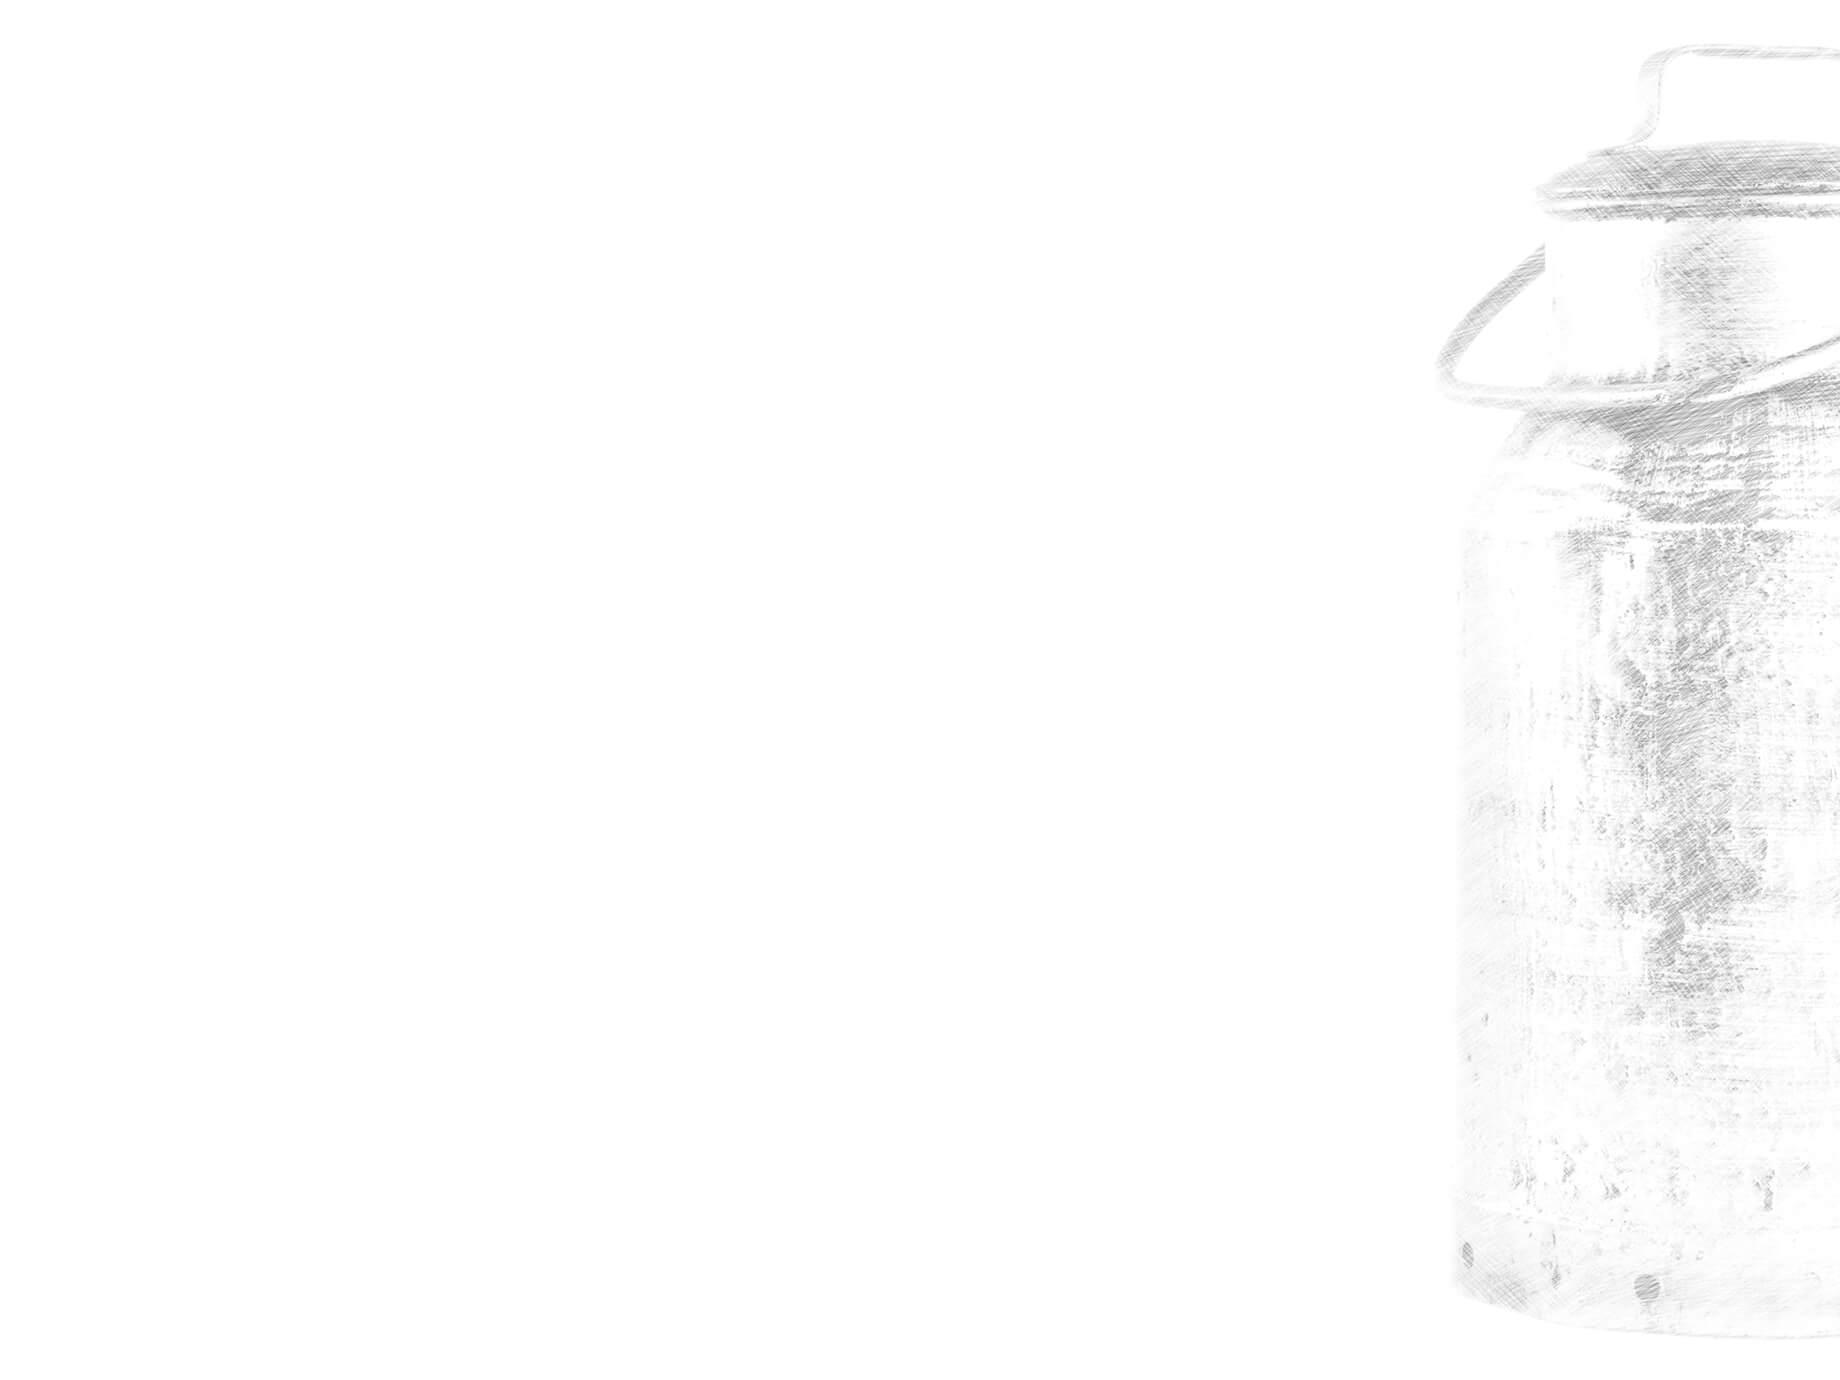 Milchkanne Schraffur 4000x3000